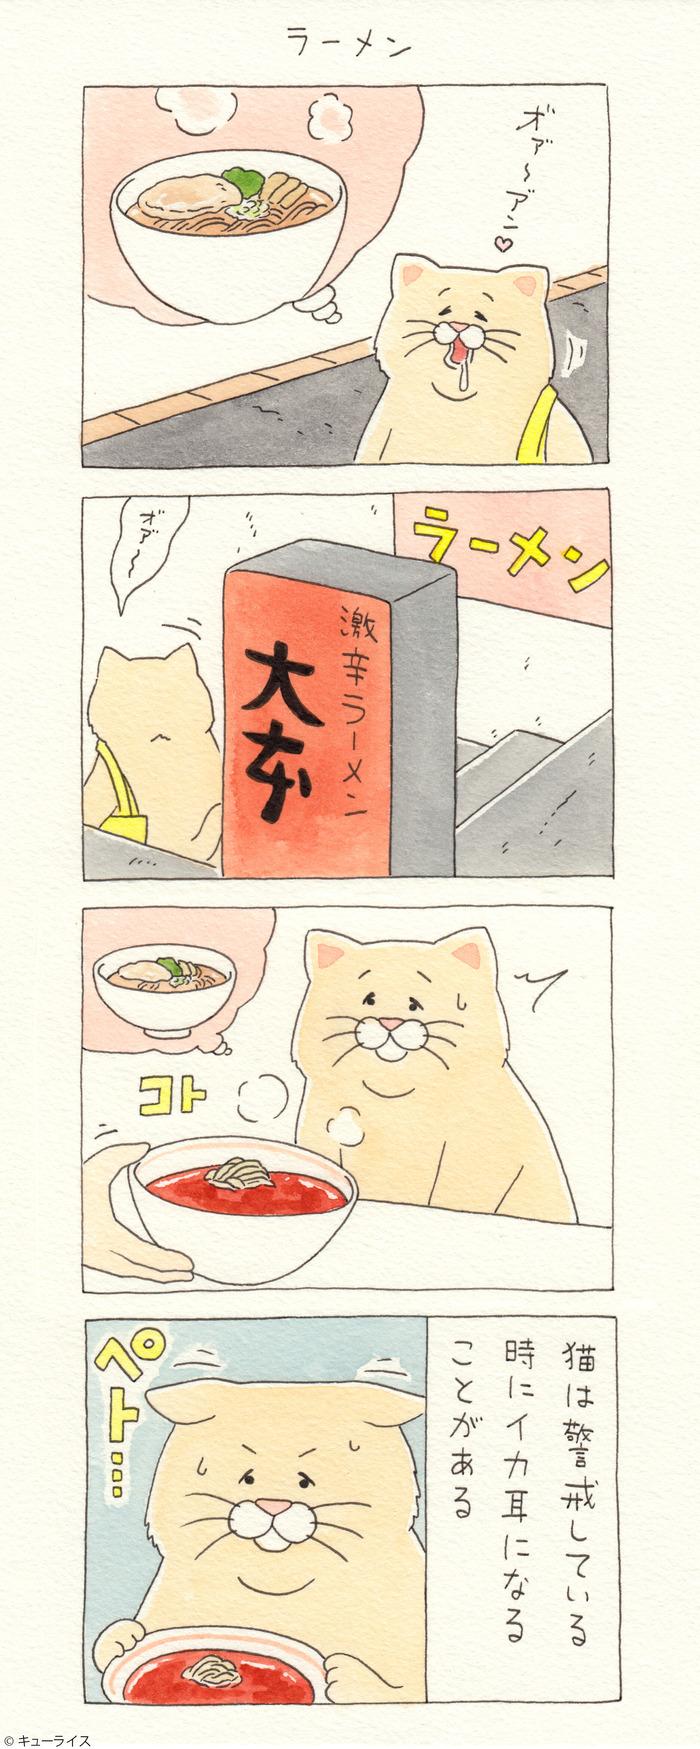 ネコノヒー5巻 ラーメン1